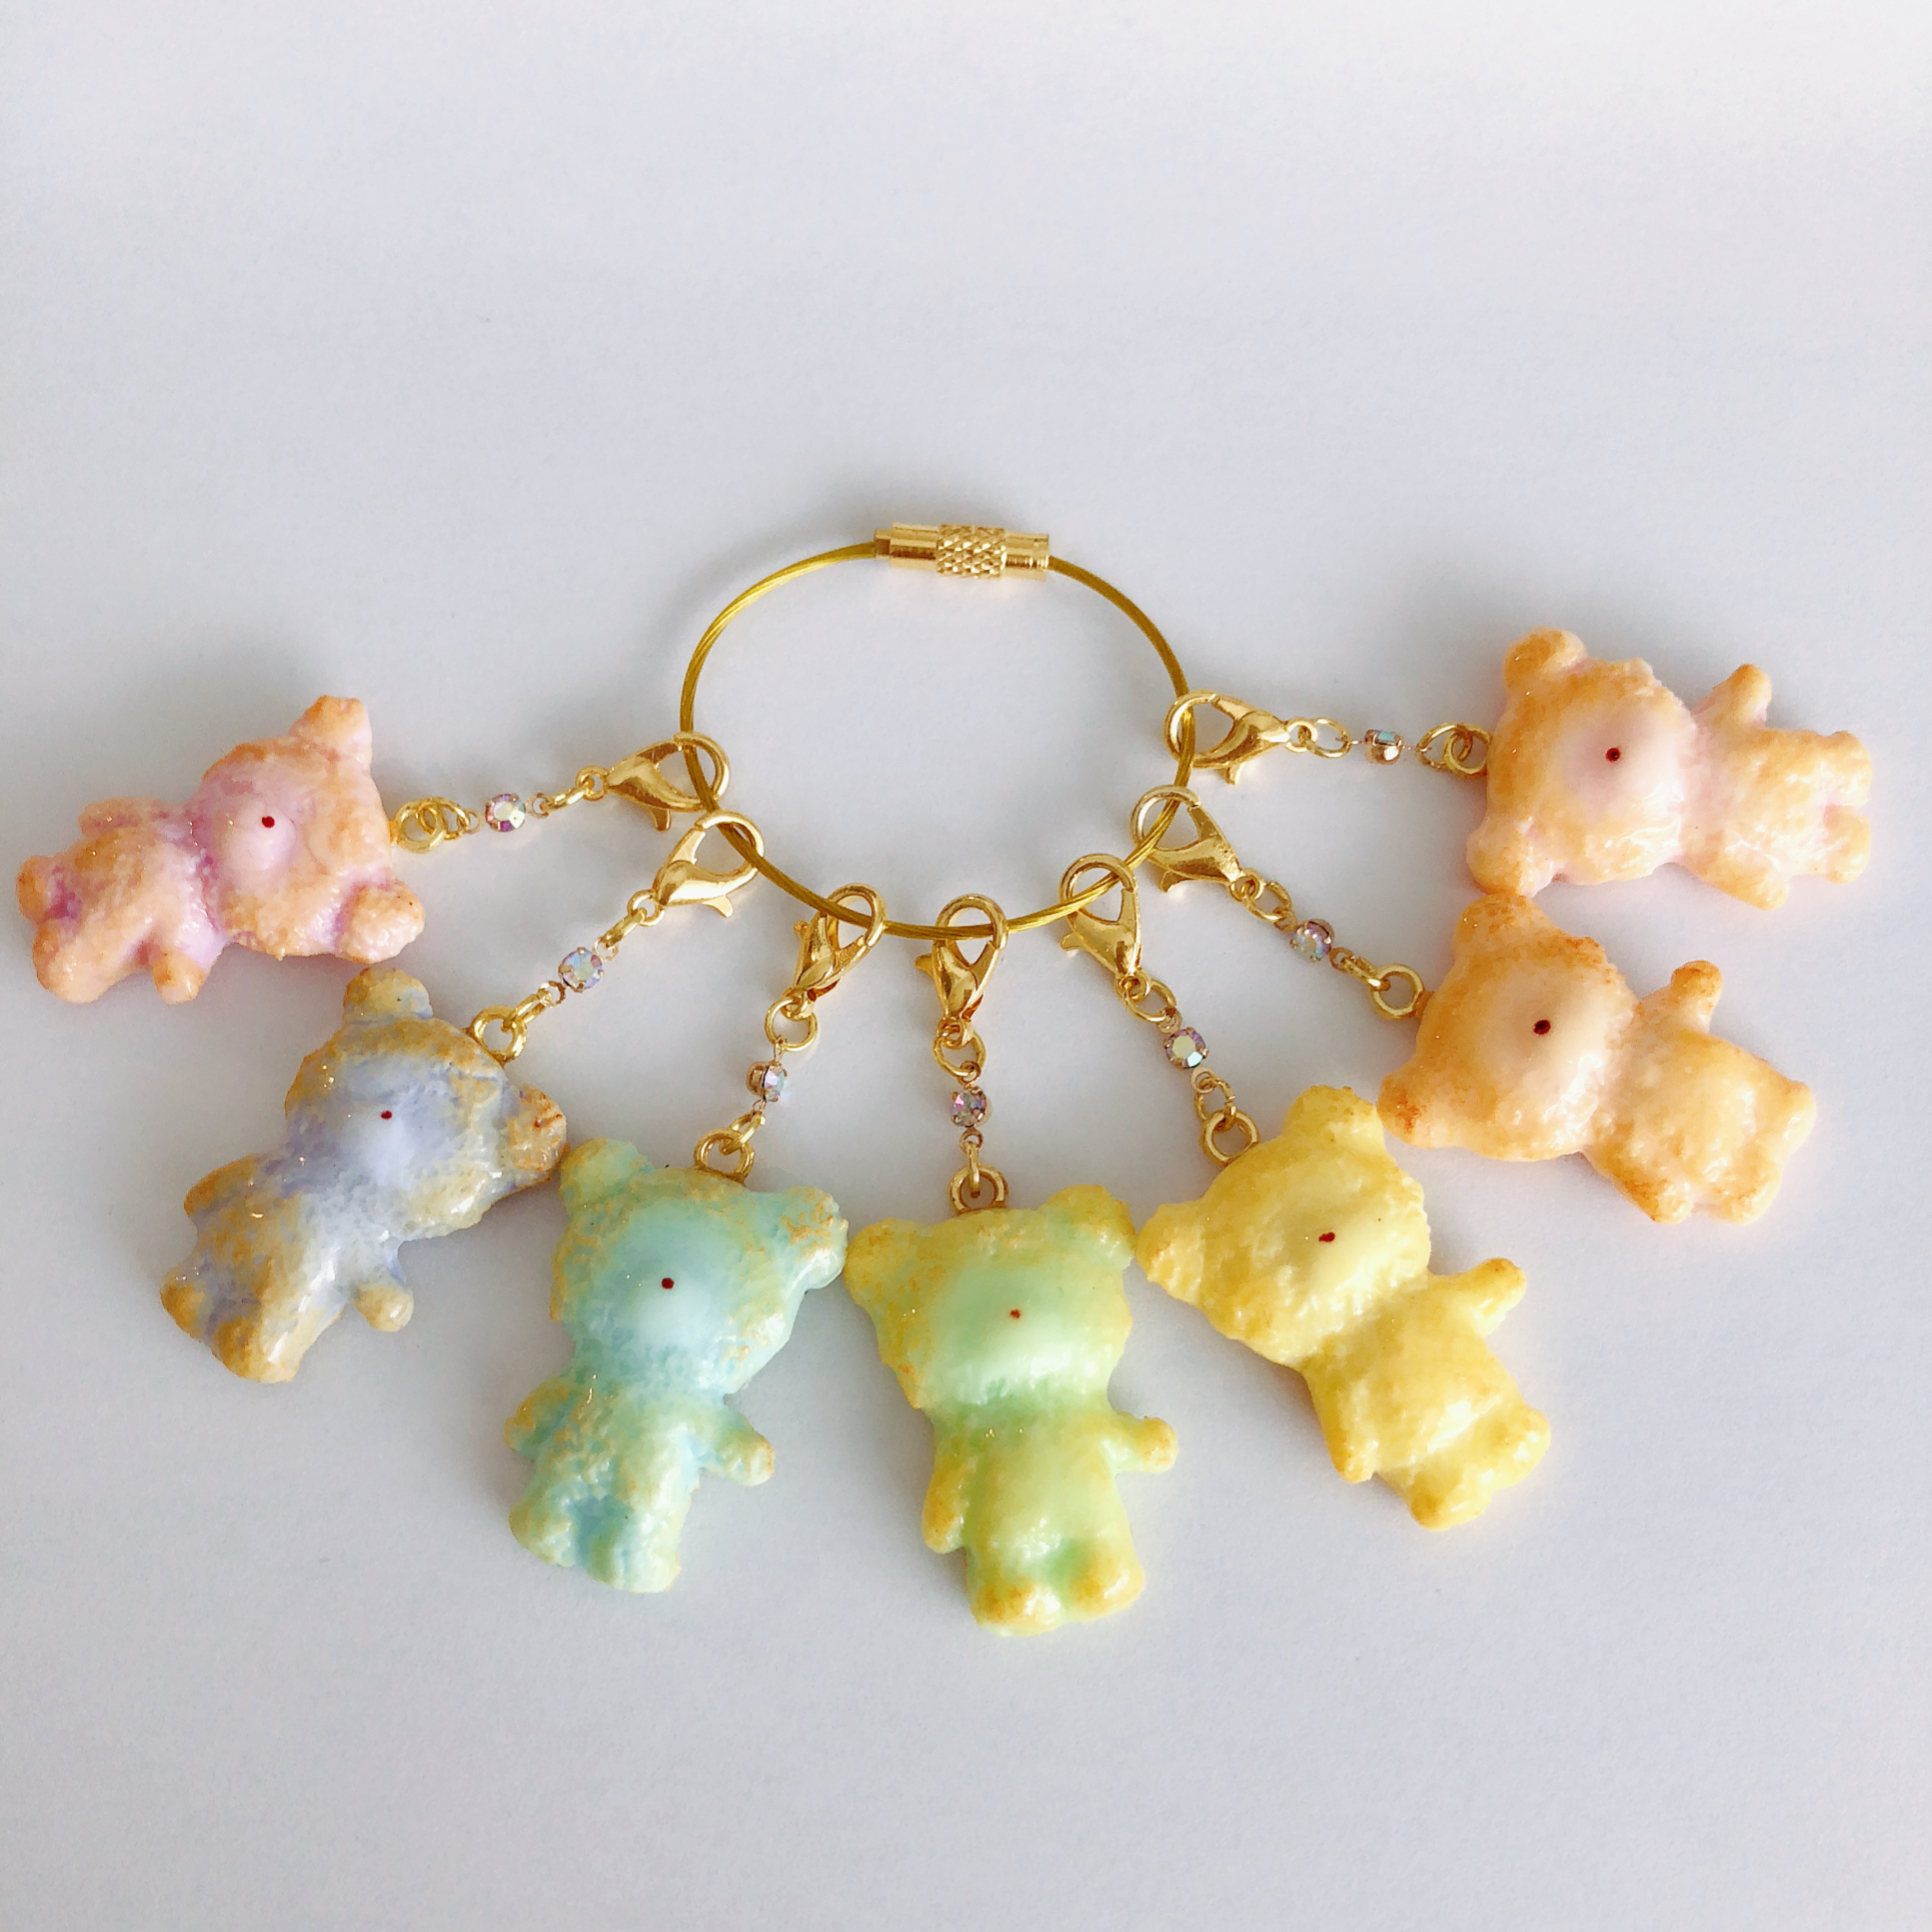 【Puryun】虹色くまさんクッキーチャームキーリングp12-002